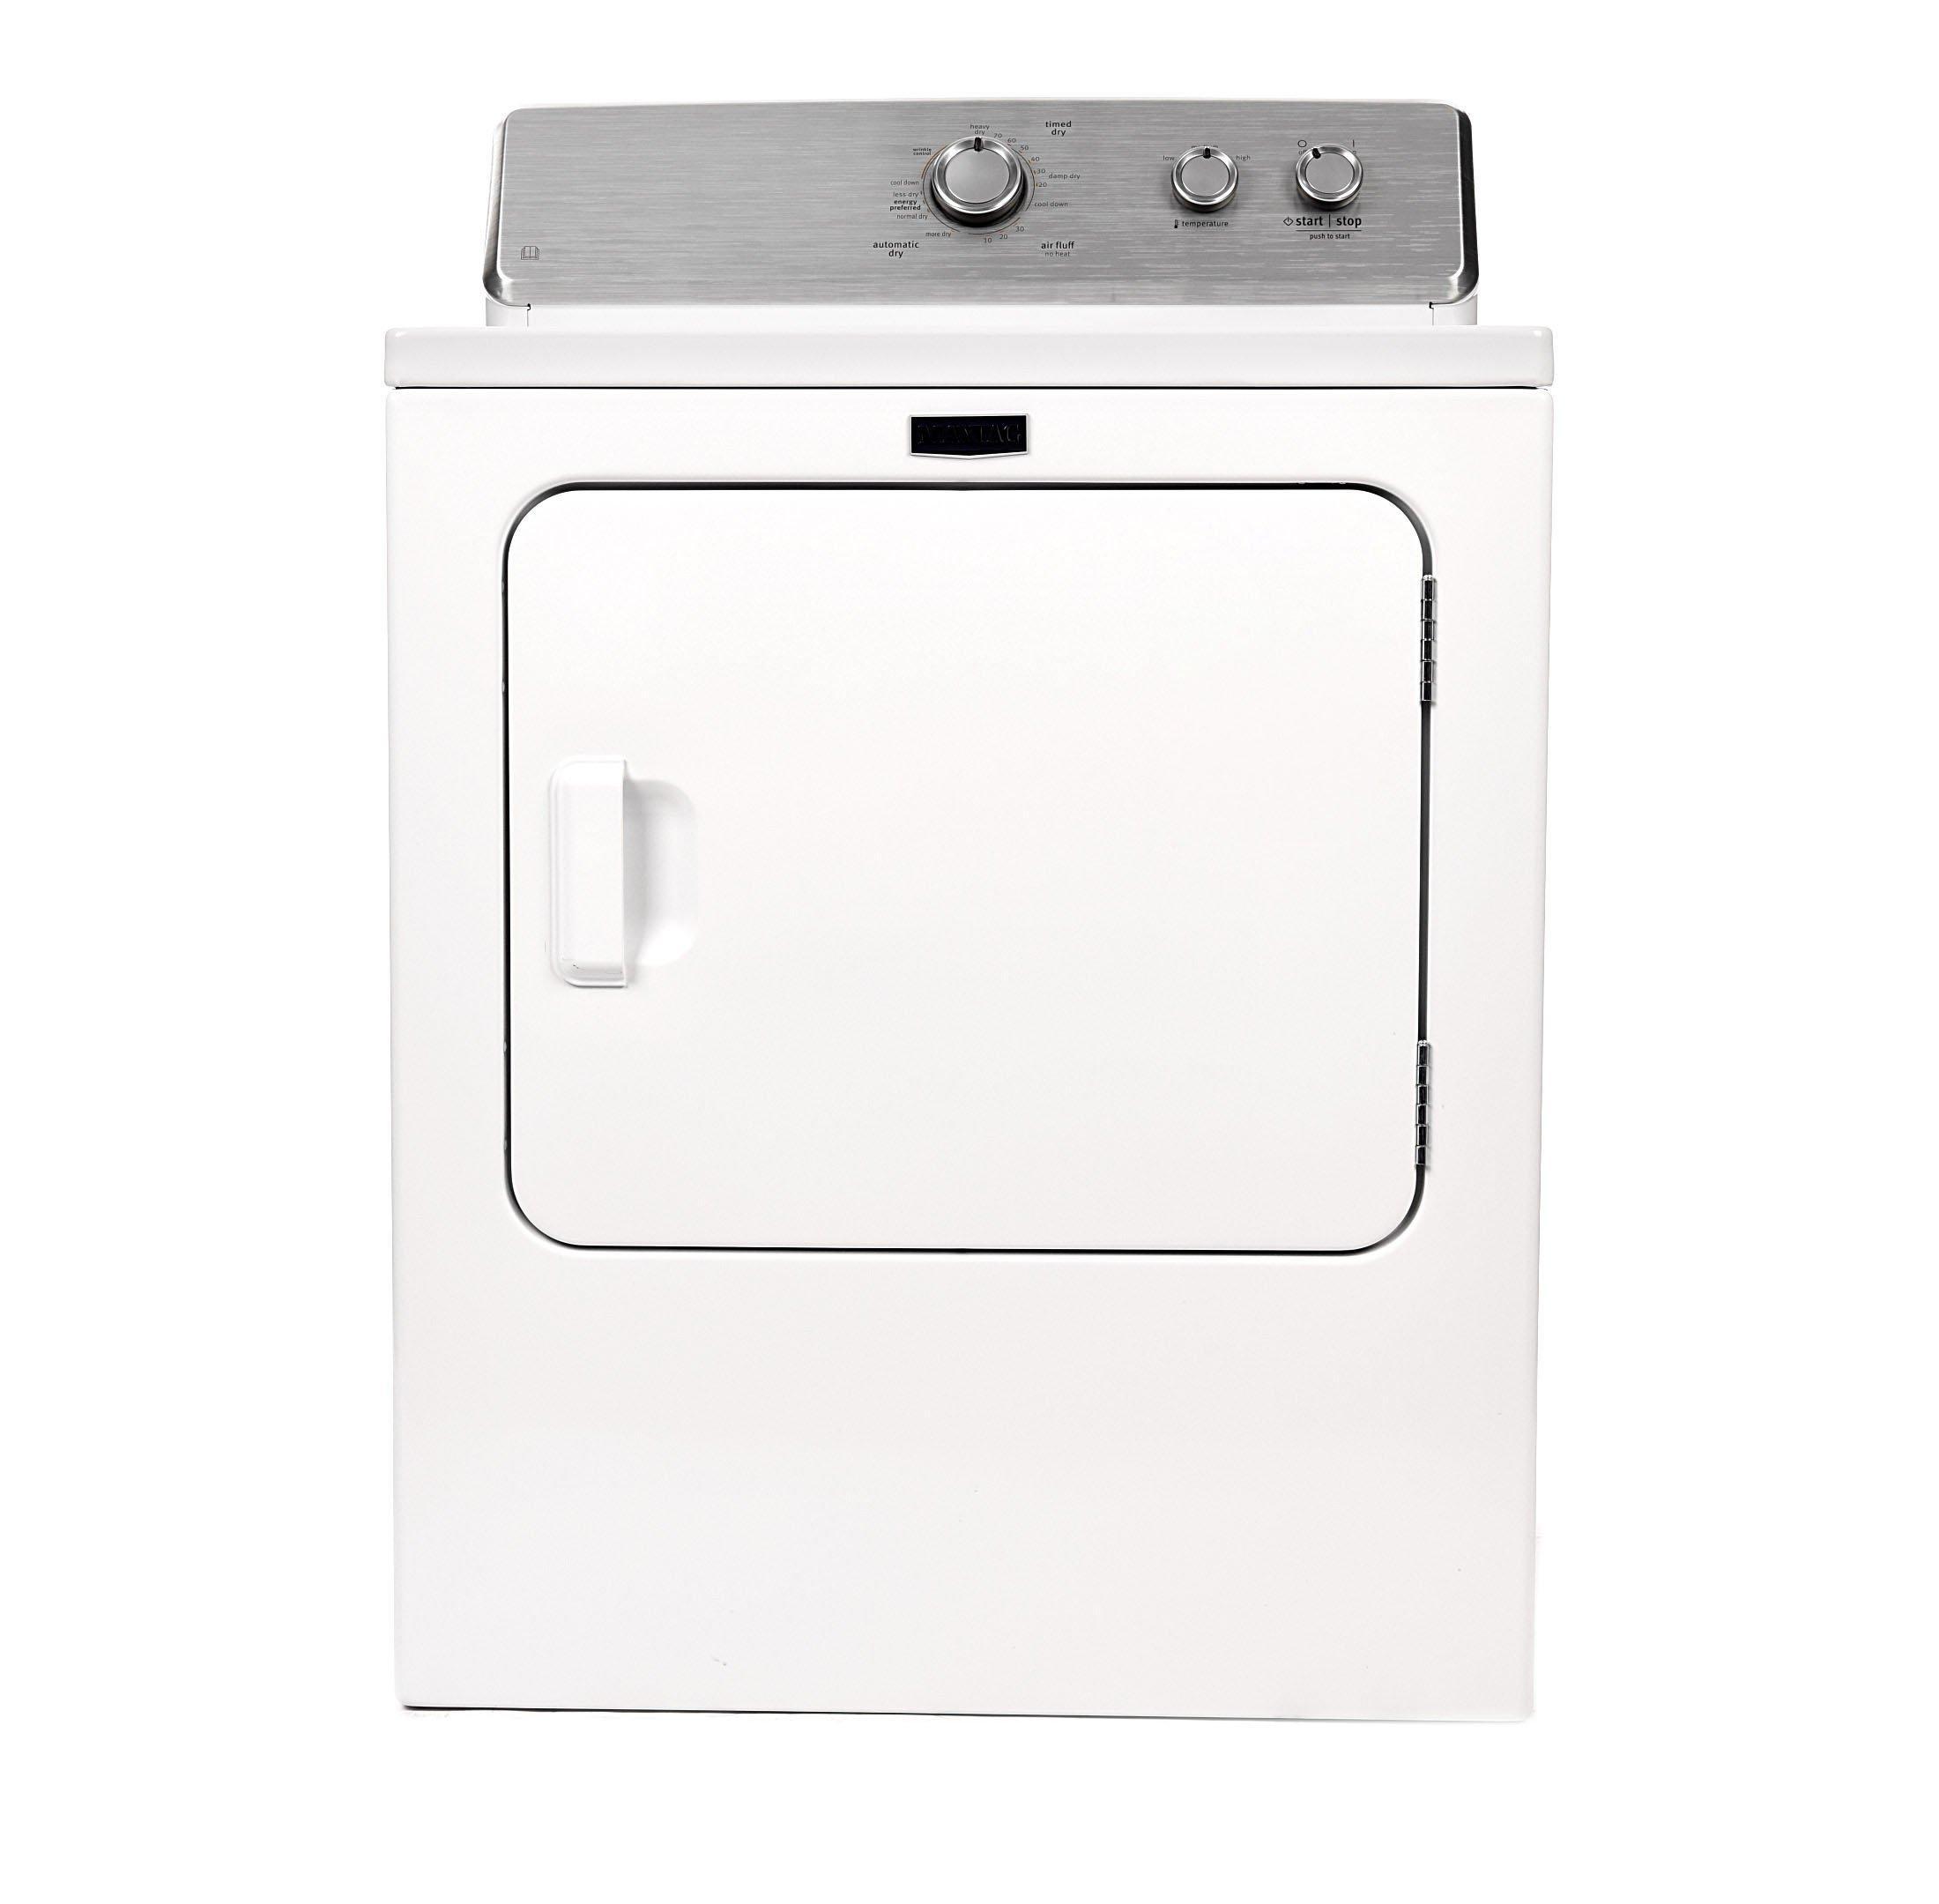 مجفف ملابس تحميل علوي بسعة 7 كجم 4KMEDC420JW أبيض